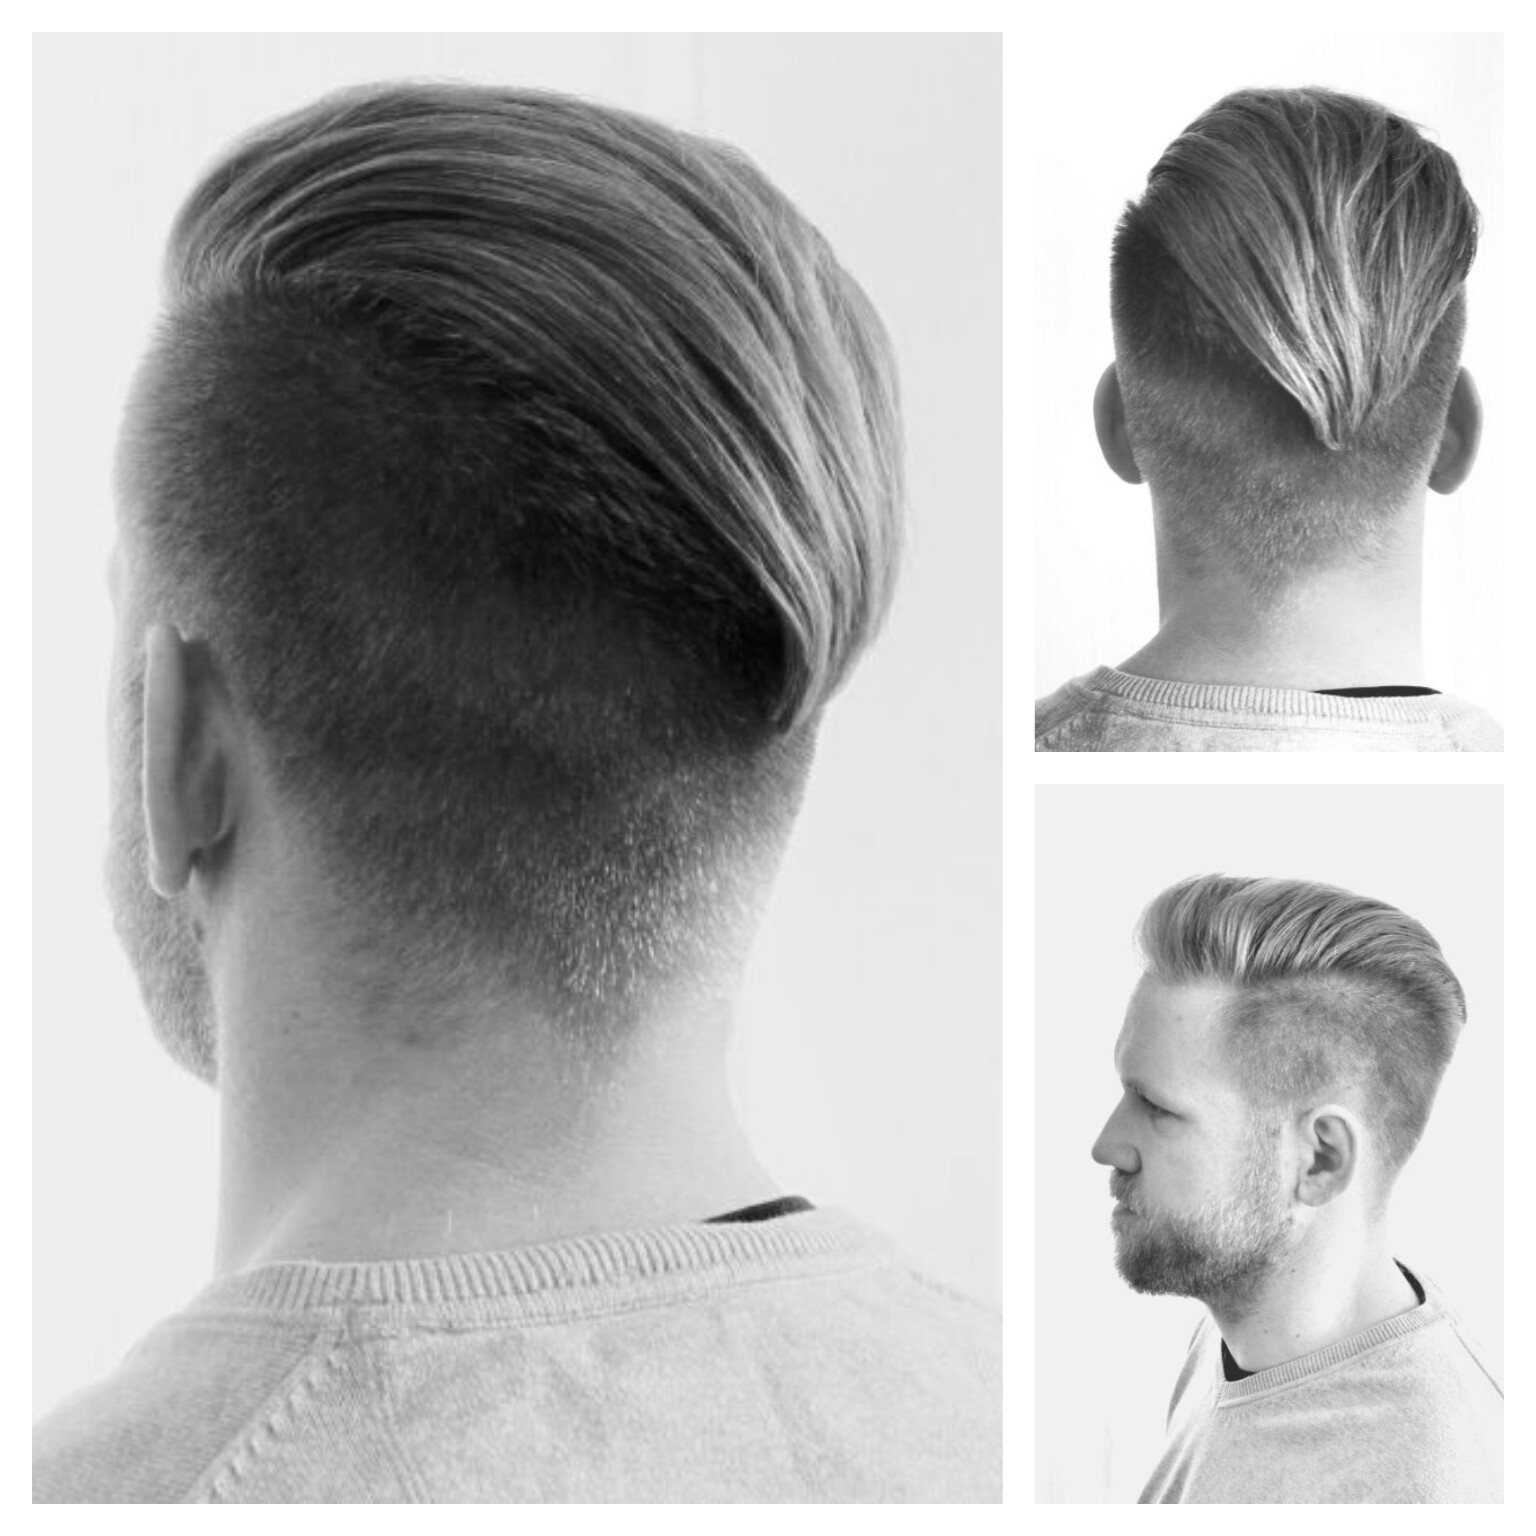 Frisur Sidecut Frisur Frisuren